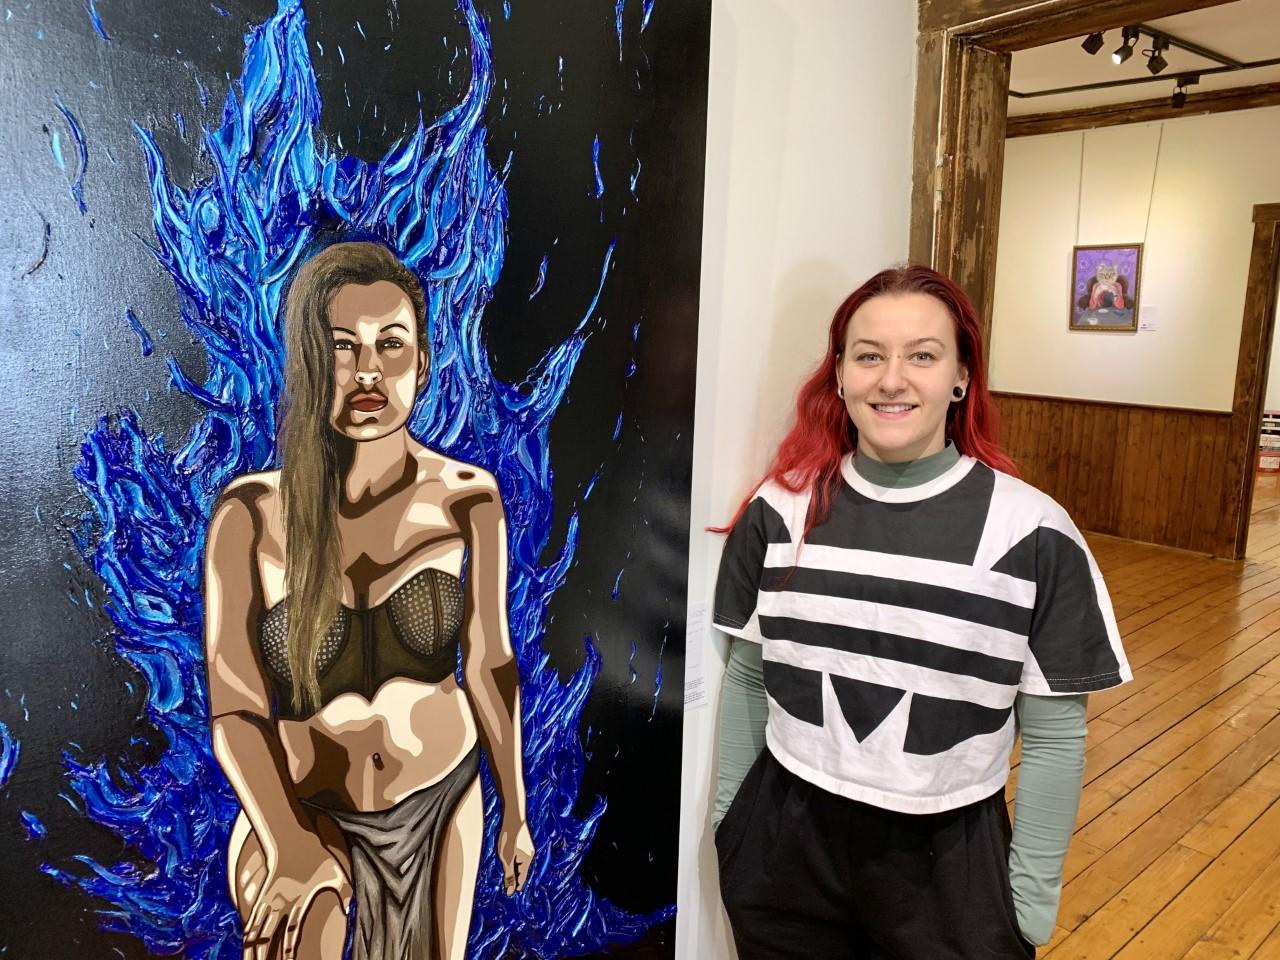 Victime d'agressions sexuelles, Audrey Guertin reprend le contrôle de sa vie par la peinture